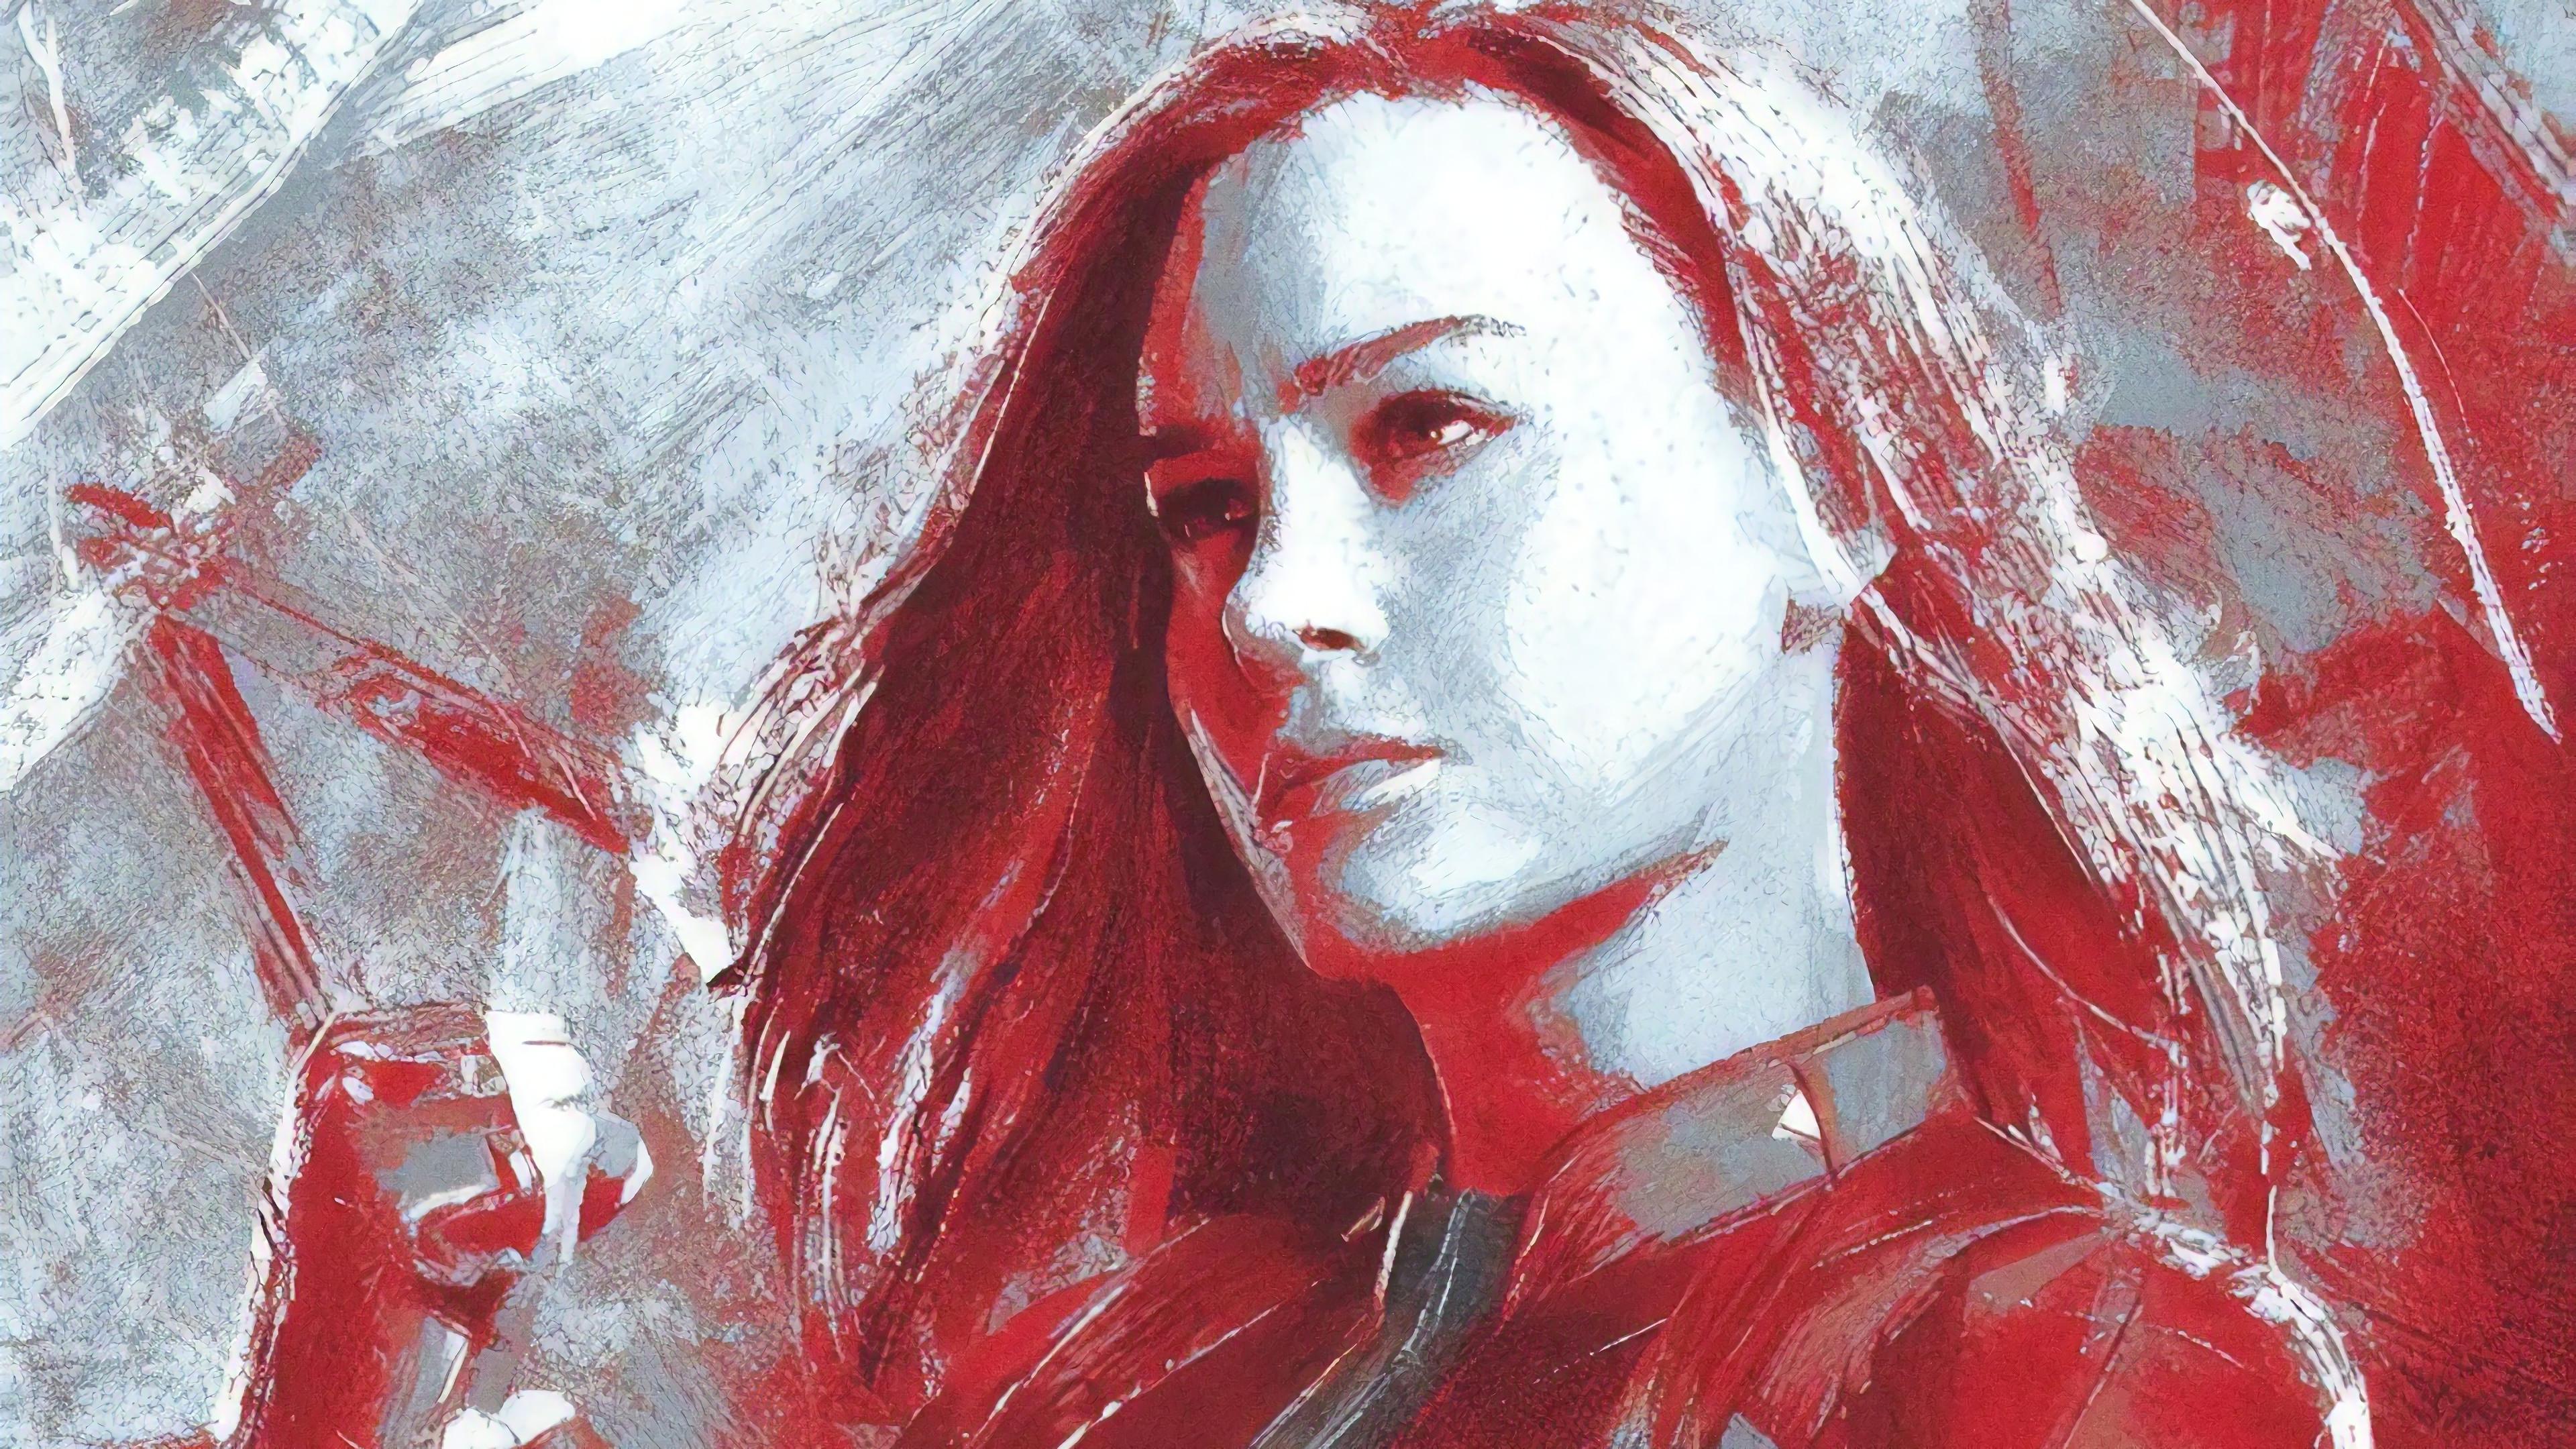 captain marvel avengers endgame 4k 1547507577 - Captain Marvel Avengers: Endgame 4K - Captain Marvel (Carol Danvers), Avengers: Endgame (Movie 2019)